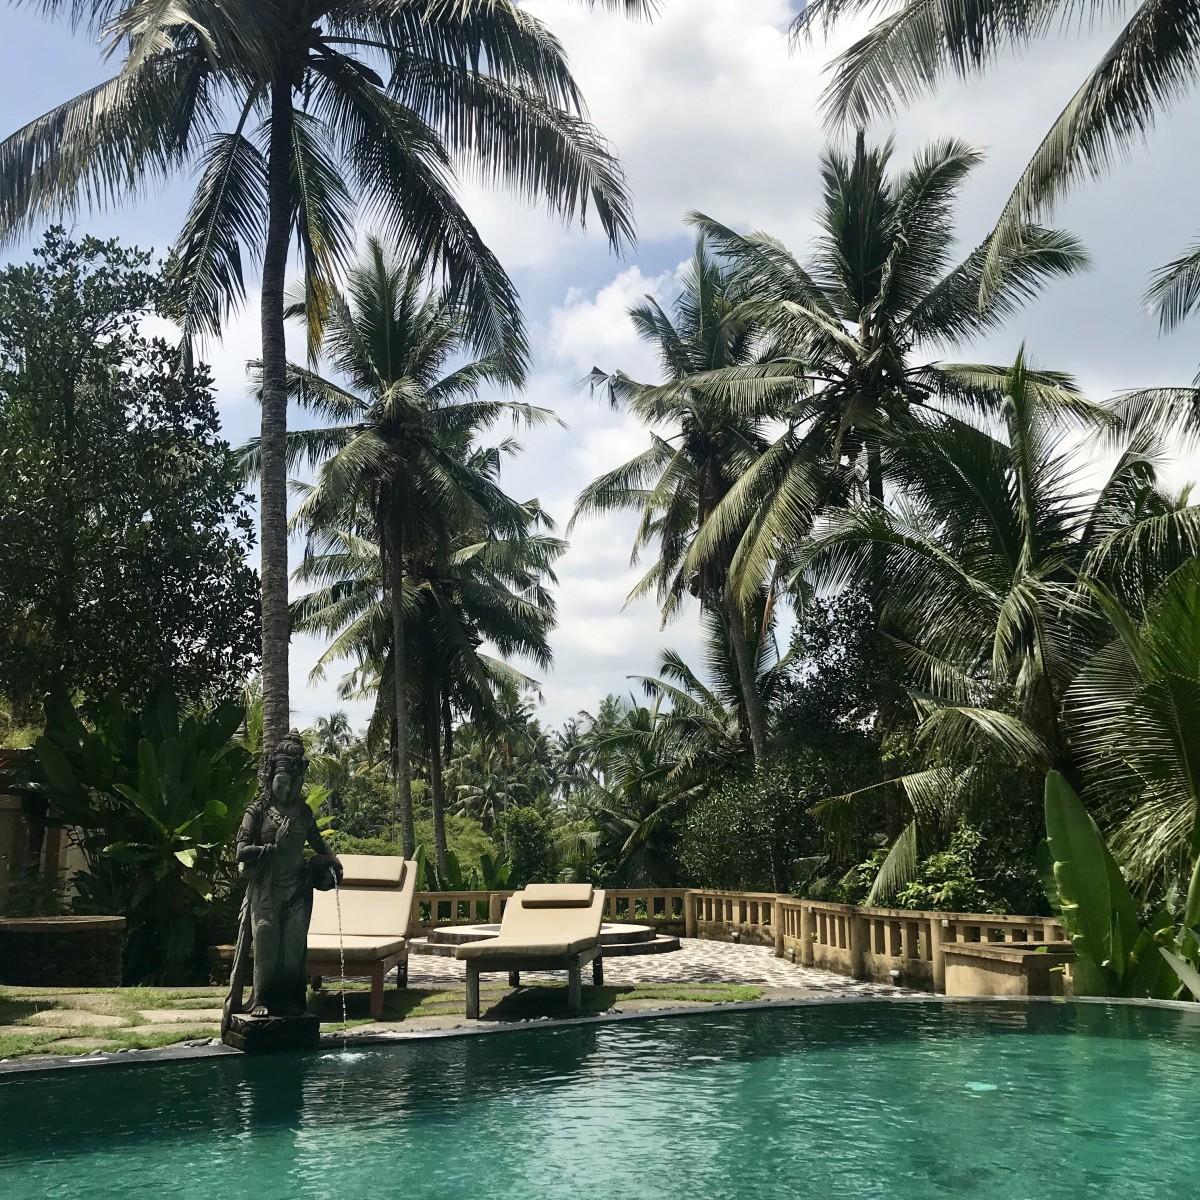 Atta Mesari Resort & Villas - My First Trip To Bali And It Won't Be My Last